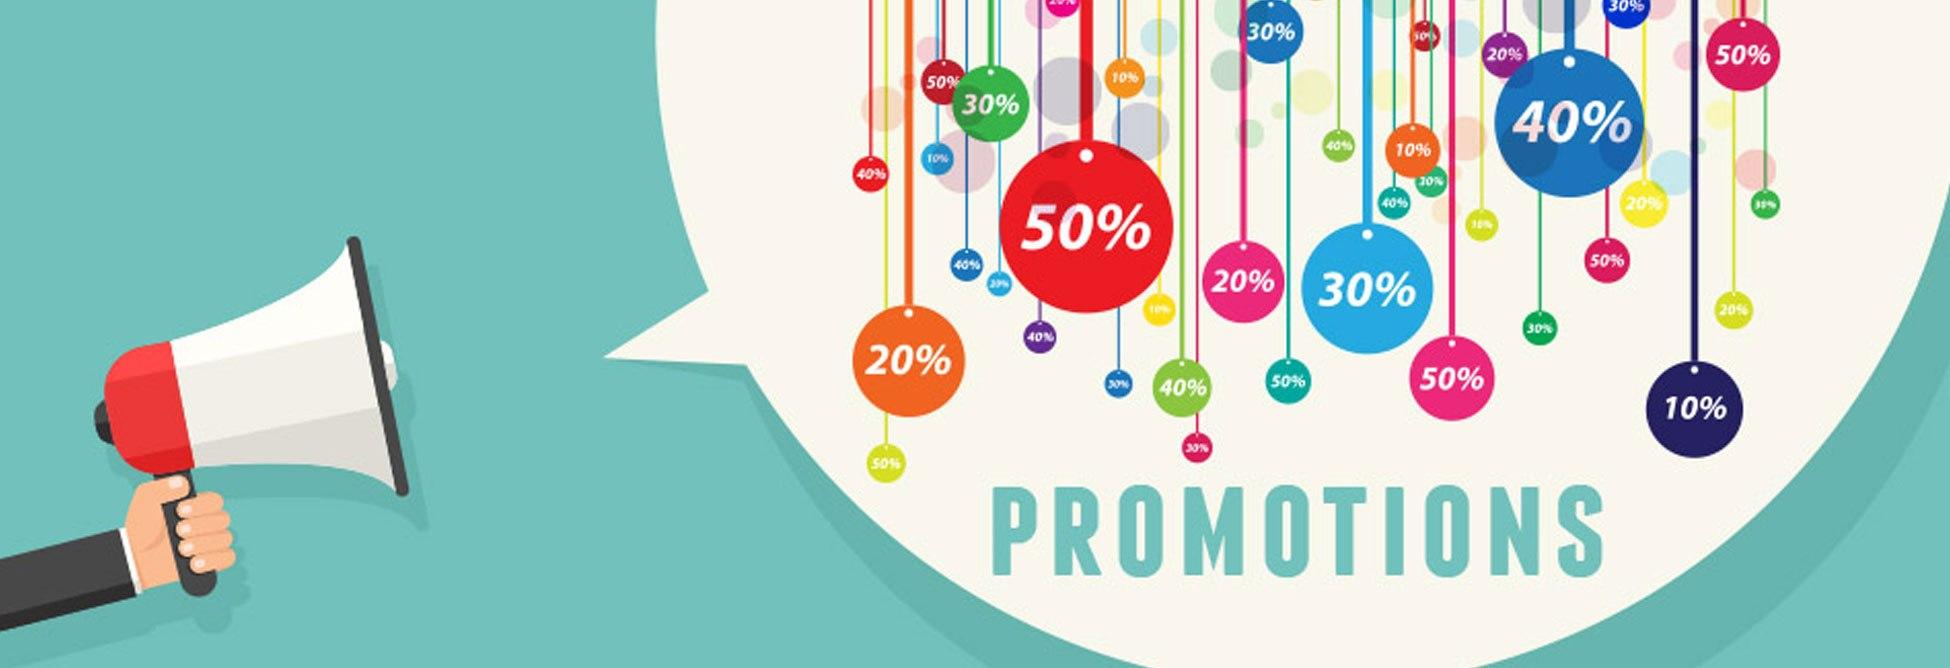 YouGov   Qui sont les consommateurs sensibles aux promotions ?